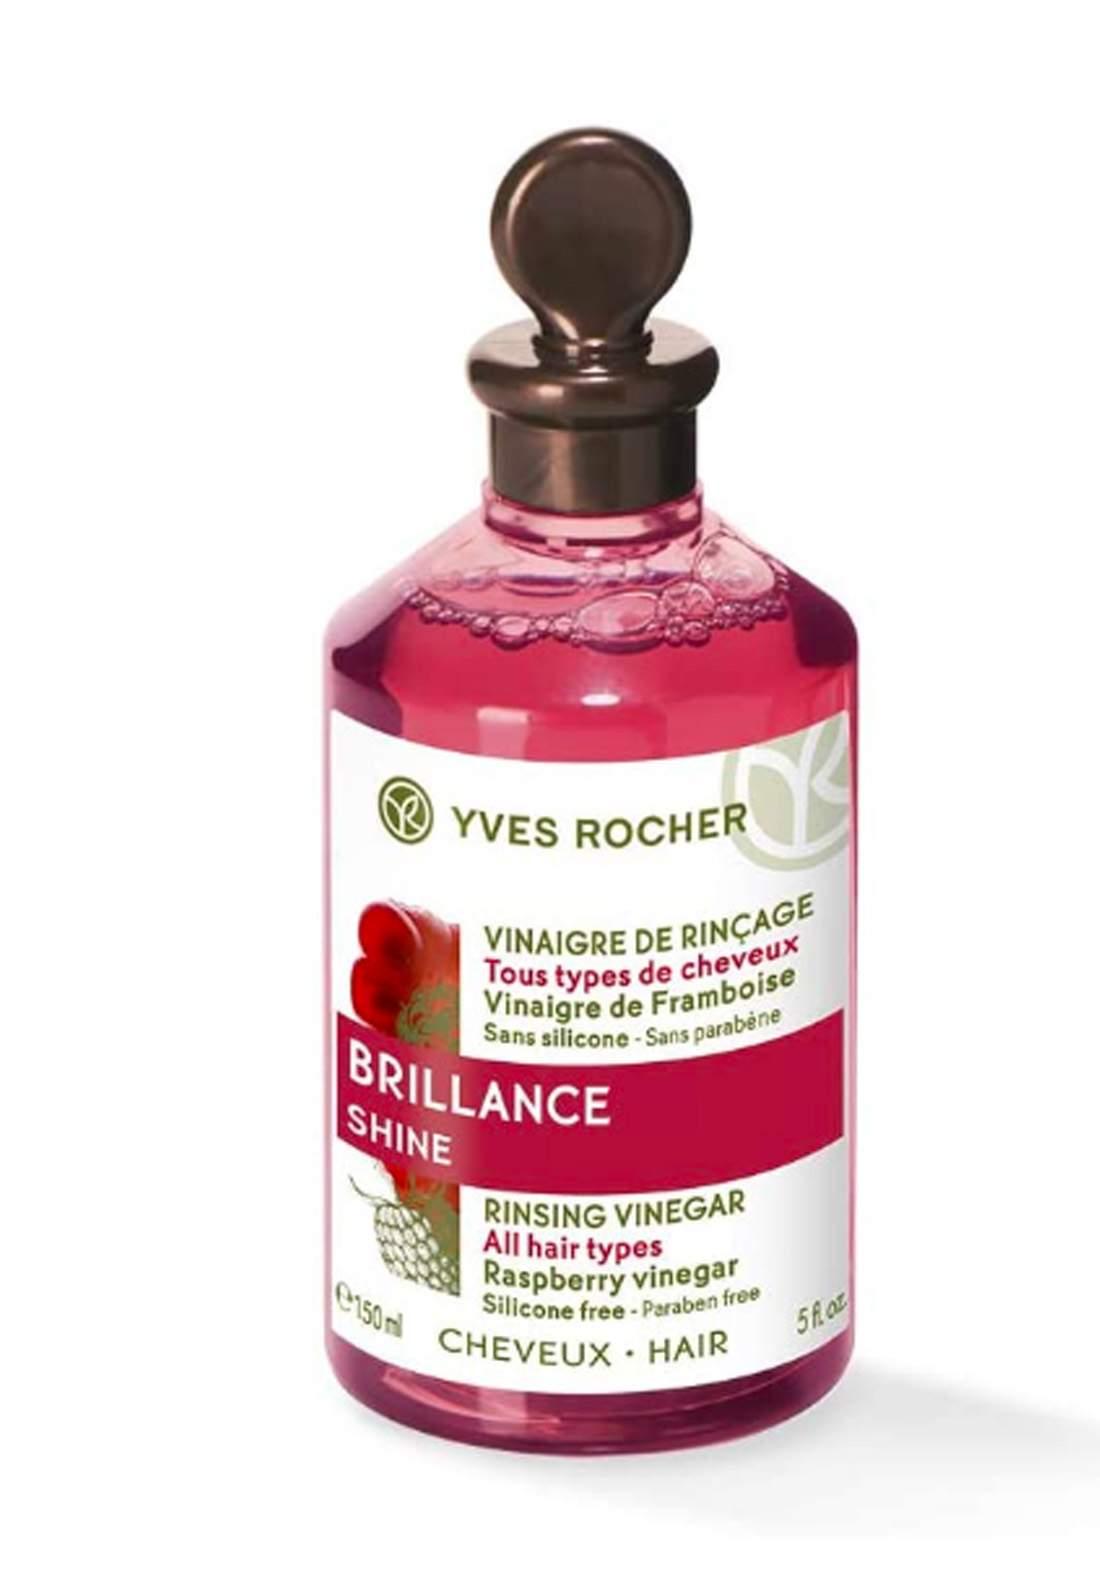 Yves Rocher 37748 Raspbery Vinegar Hair Treatment 150 ml سيروم للشعر